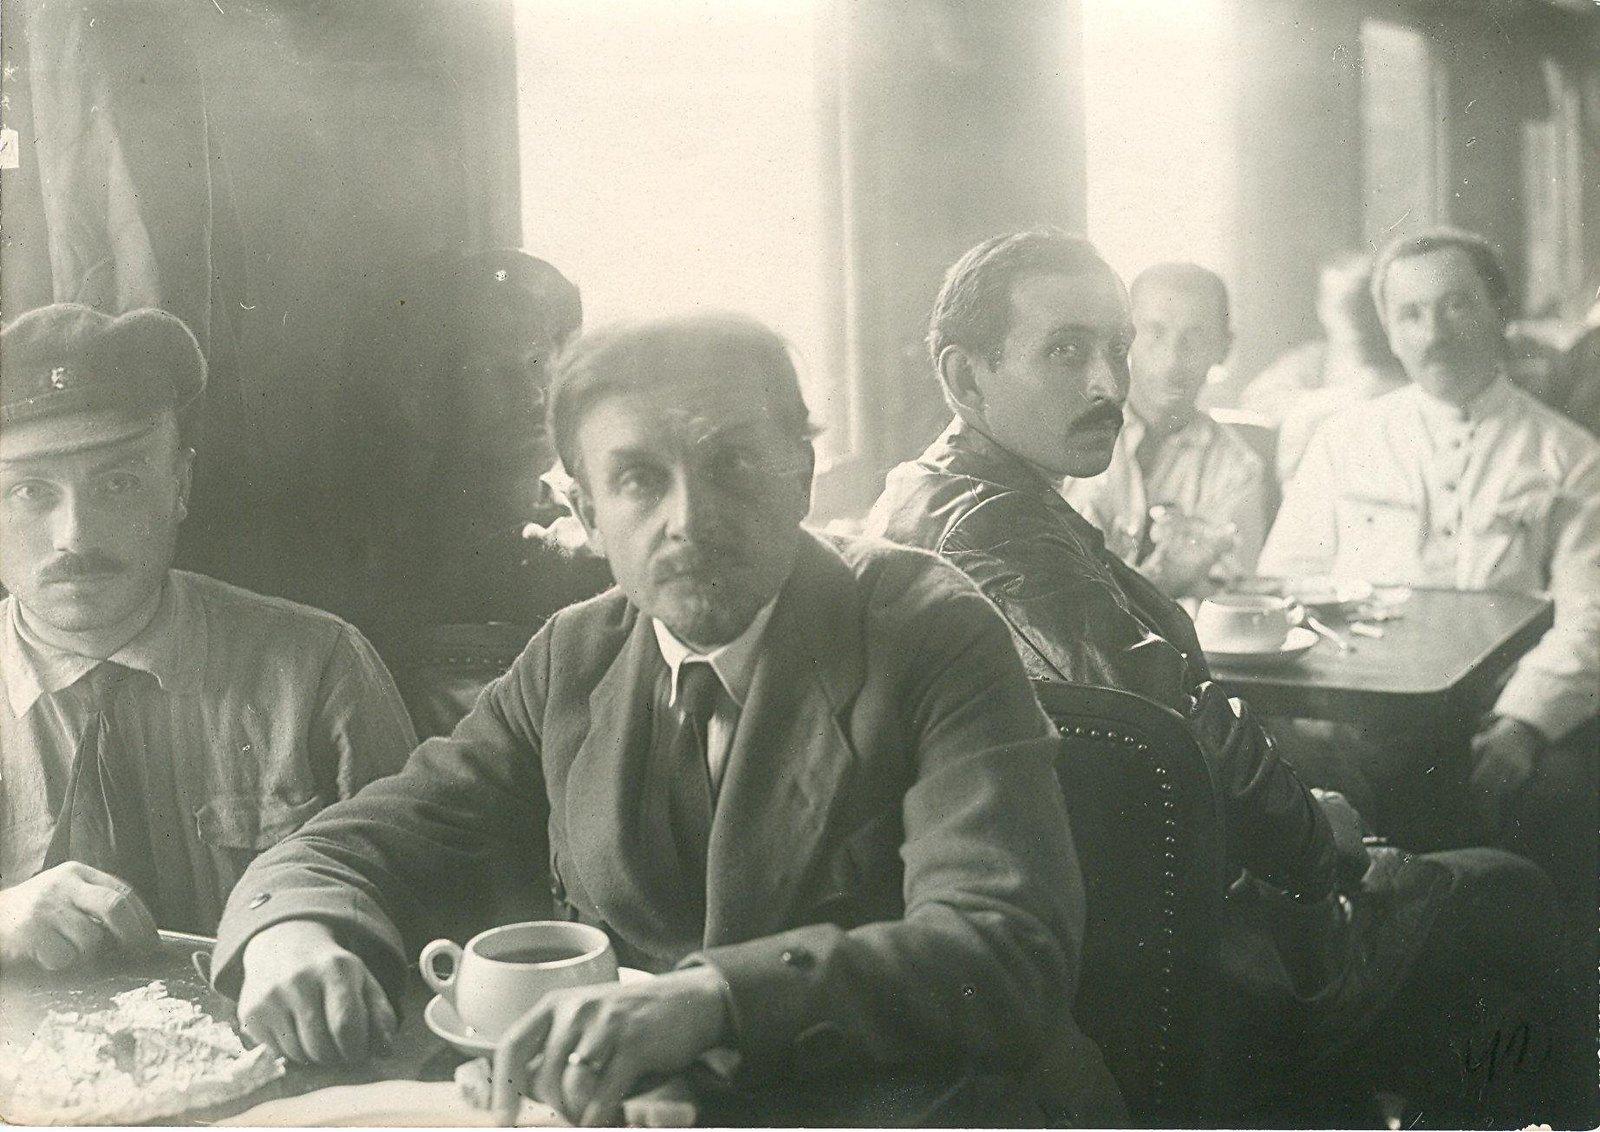 08. 1920. 19 июля. Делегаты II конгресса Коминтерна в вагоне на Николаевском (Московском) вокзале